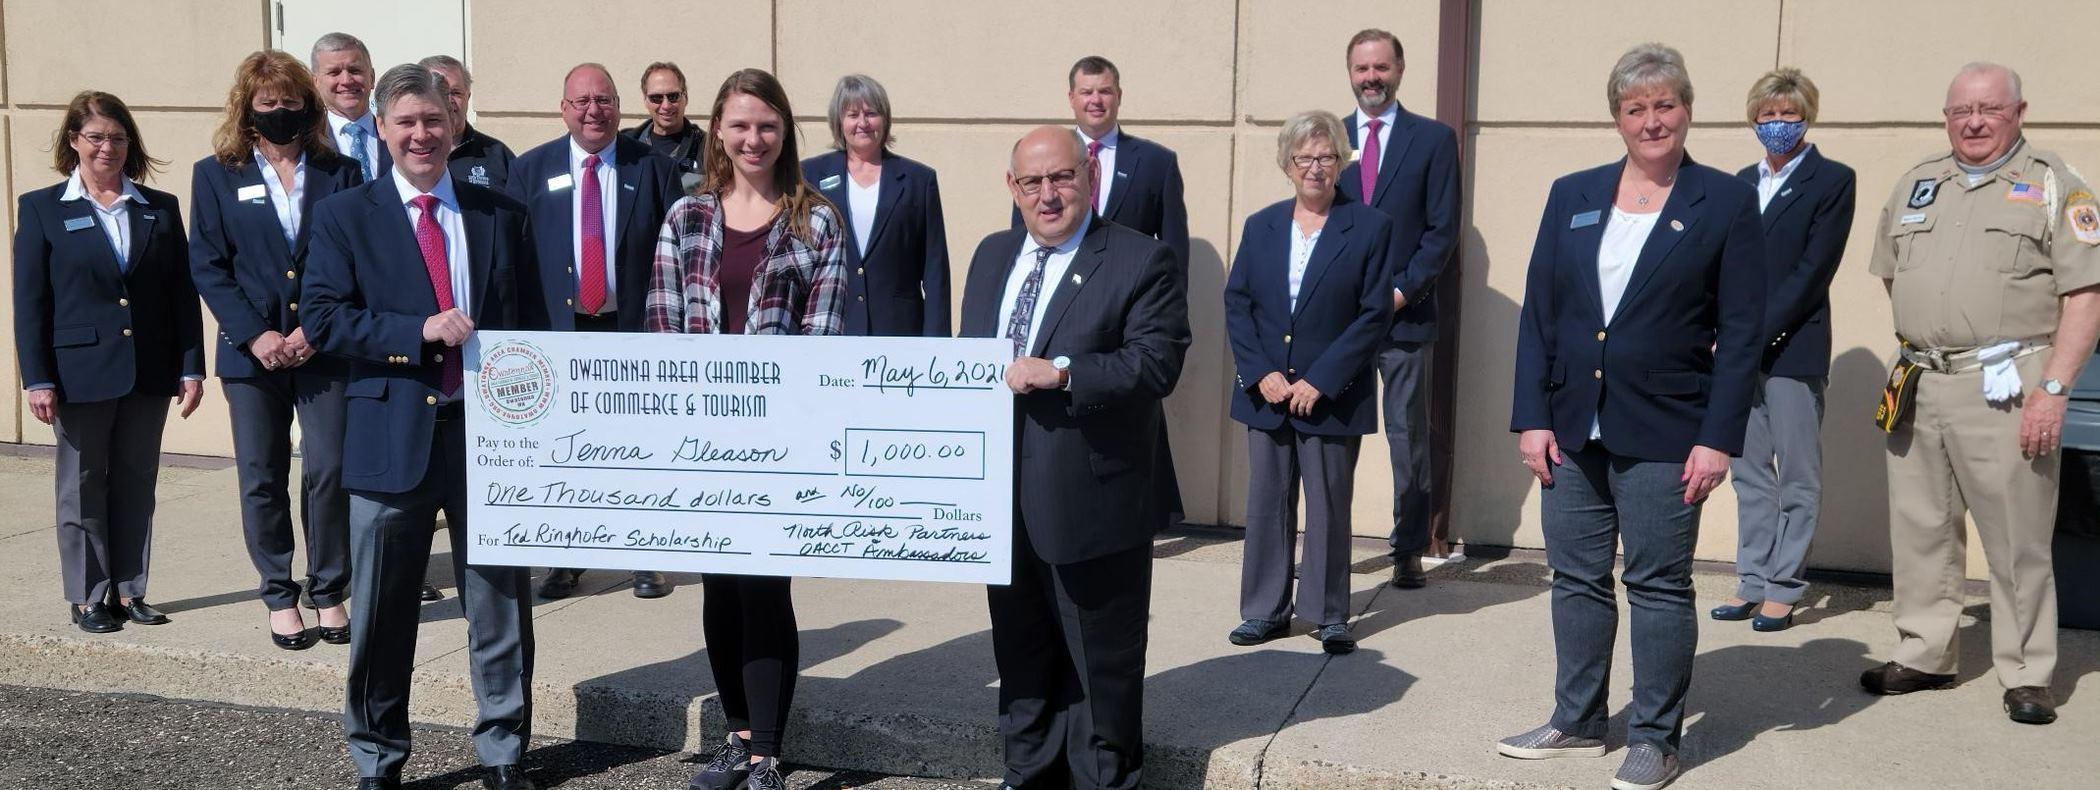 Ringhofer Scholarship 2020 recipient